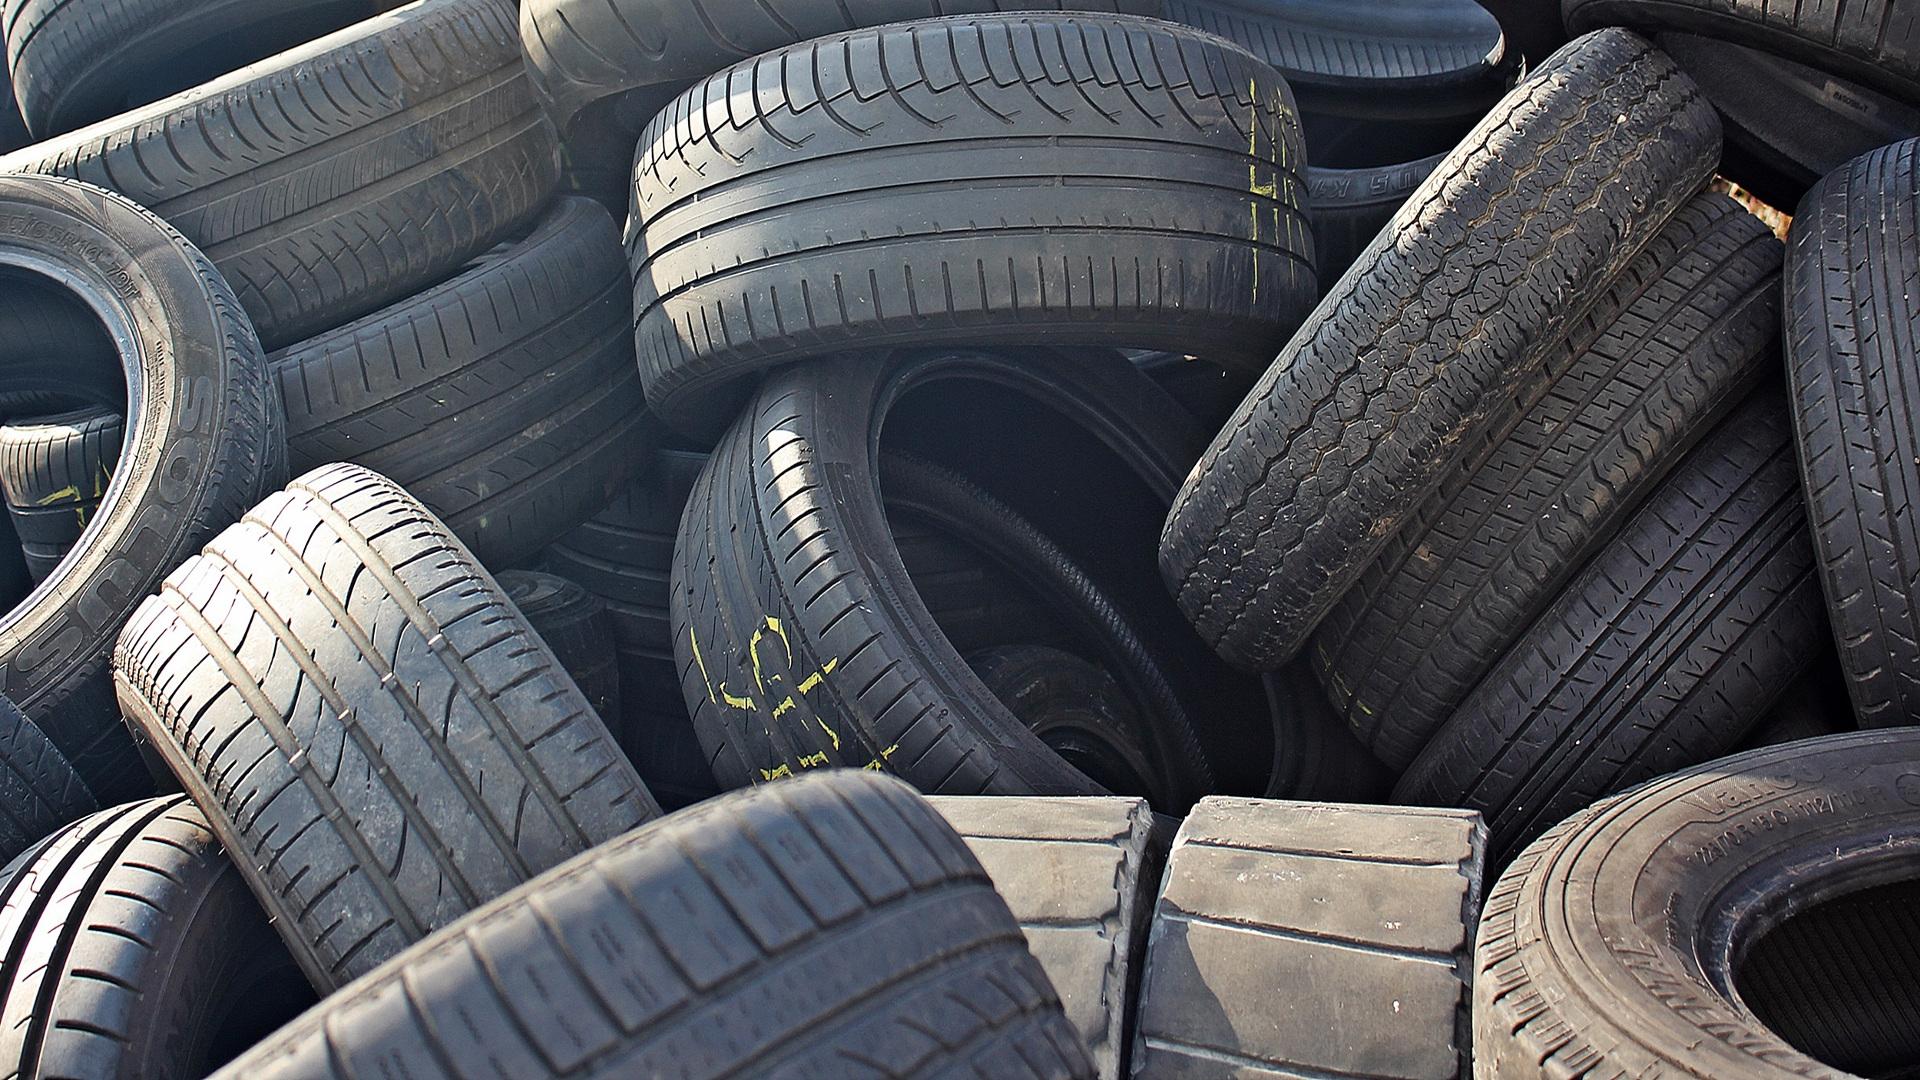 Los neumáticos nuevos siempre se colocan detrás.1920